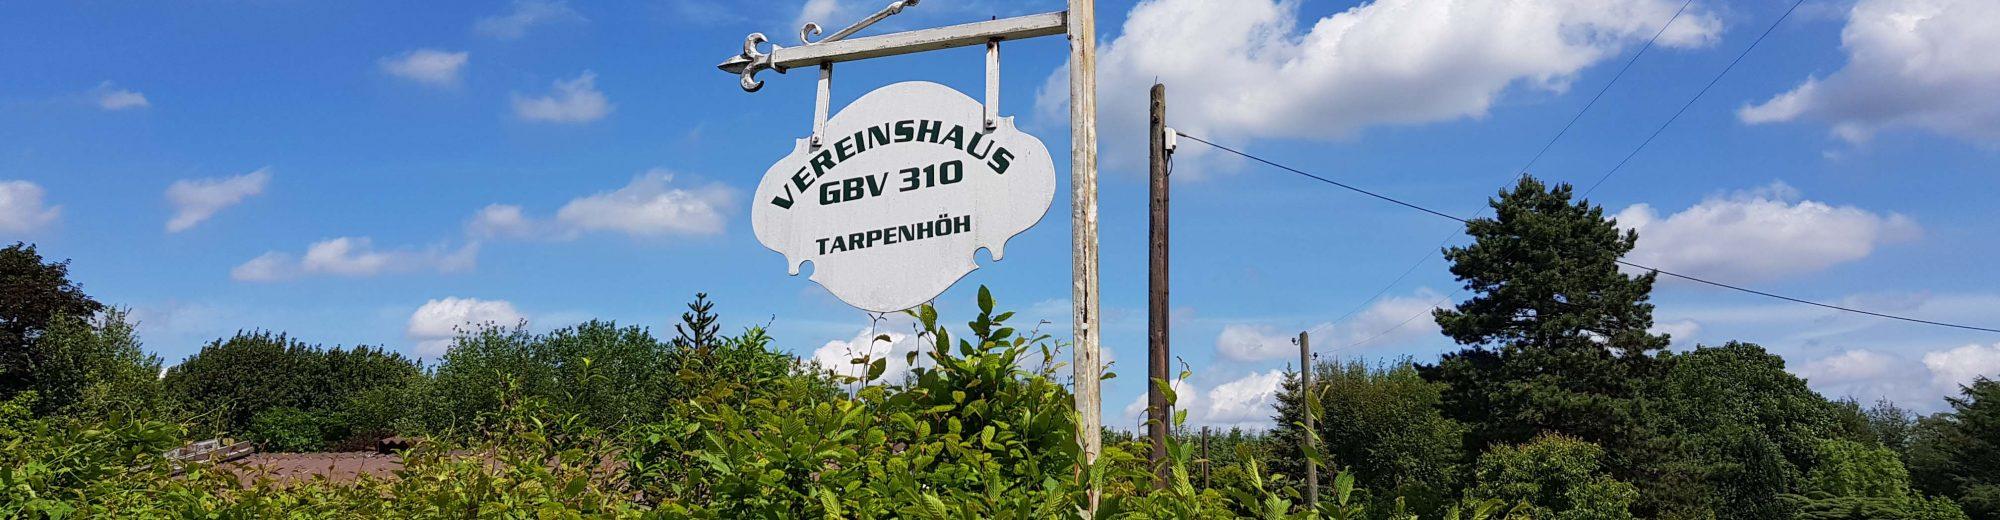 G.B.V. Tarpenhöh 310